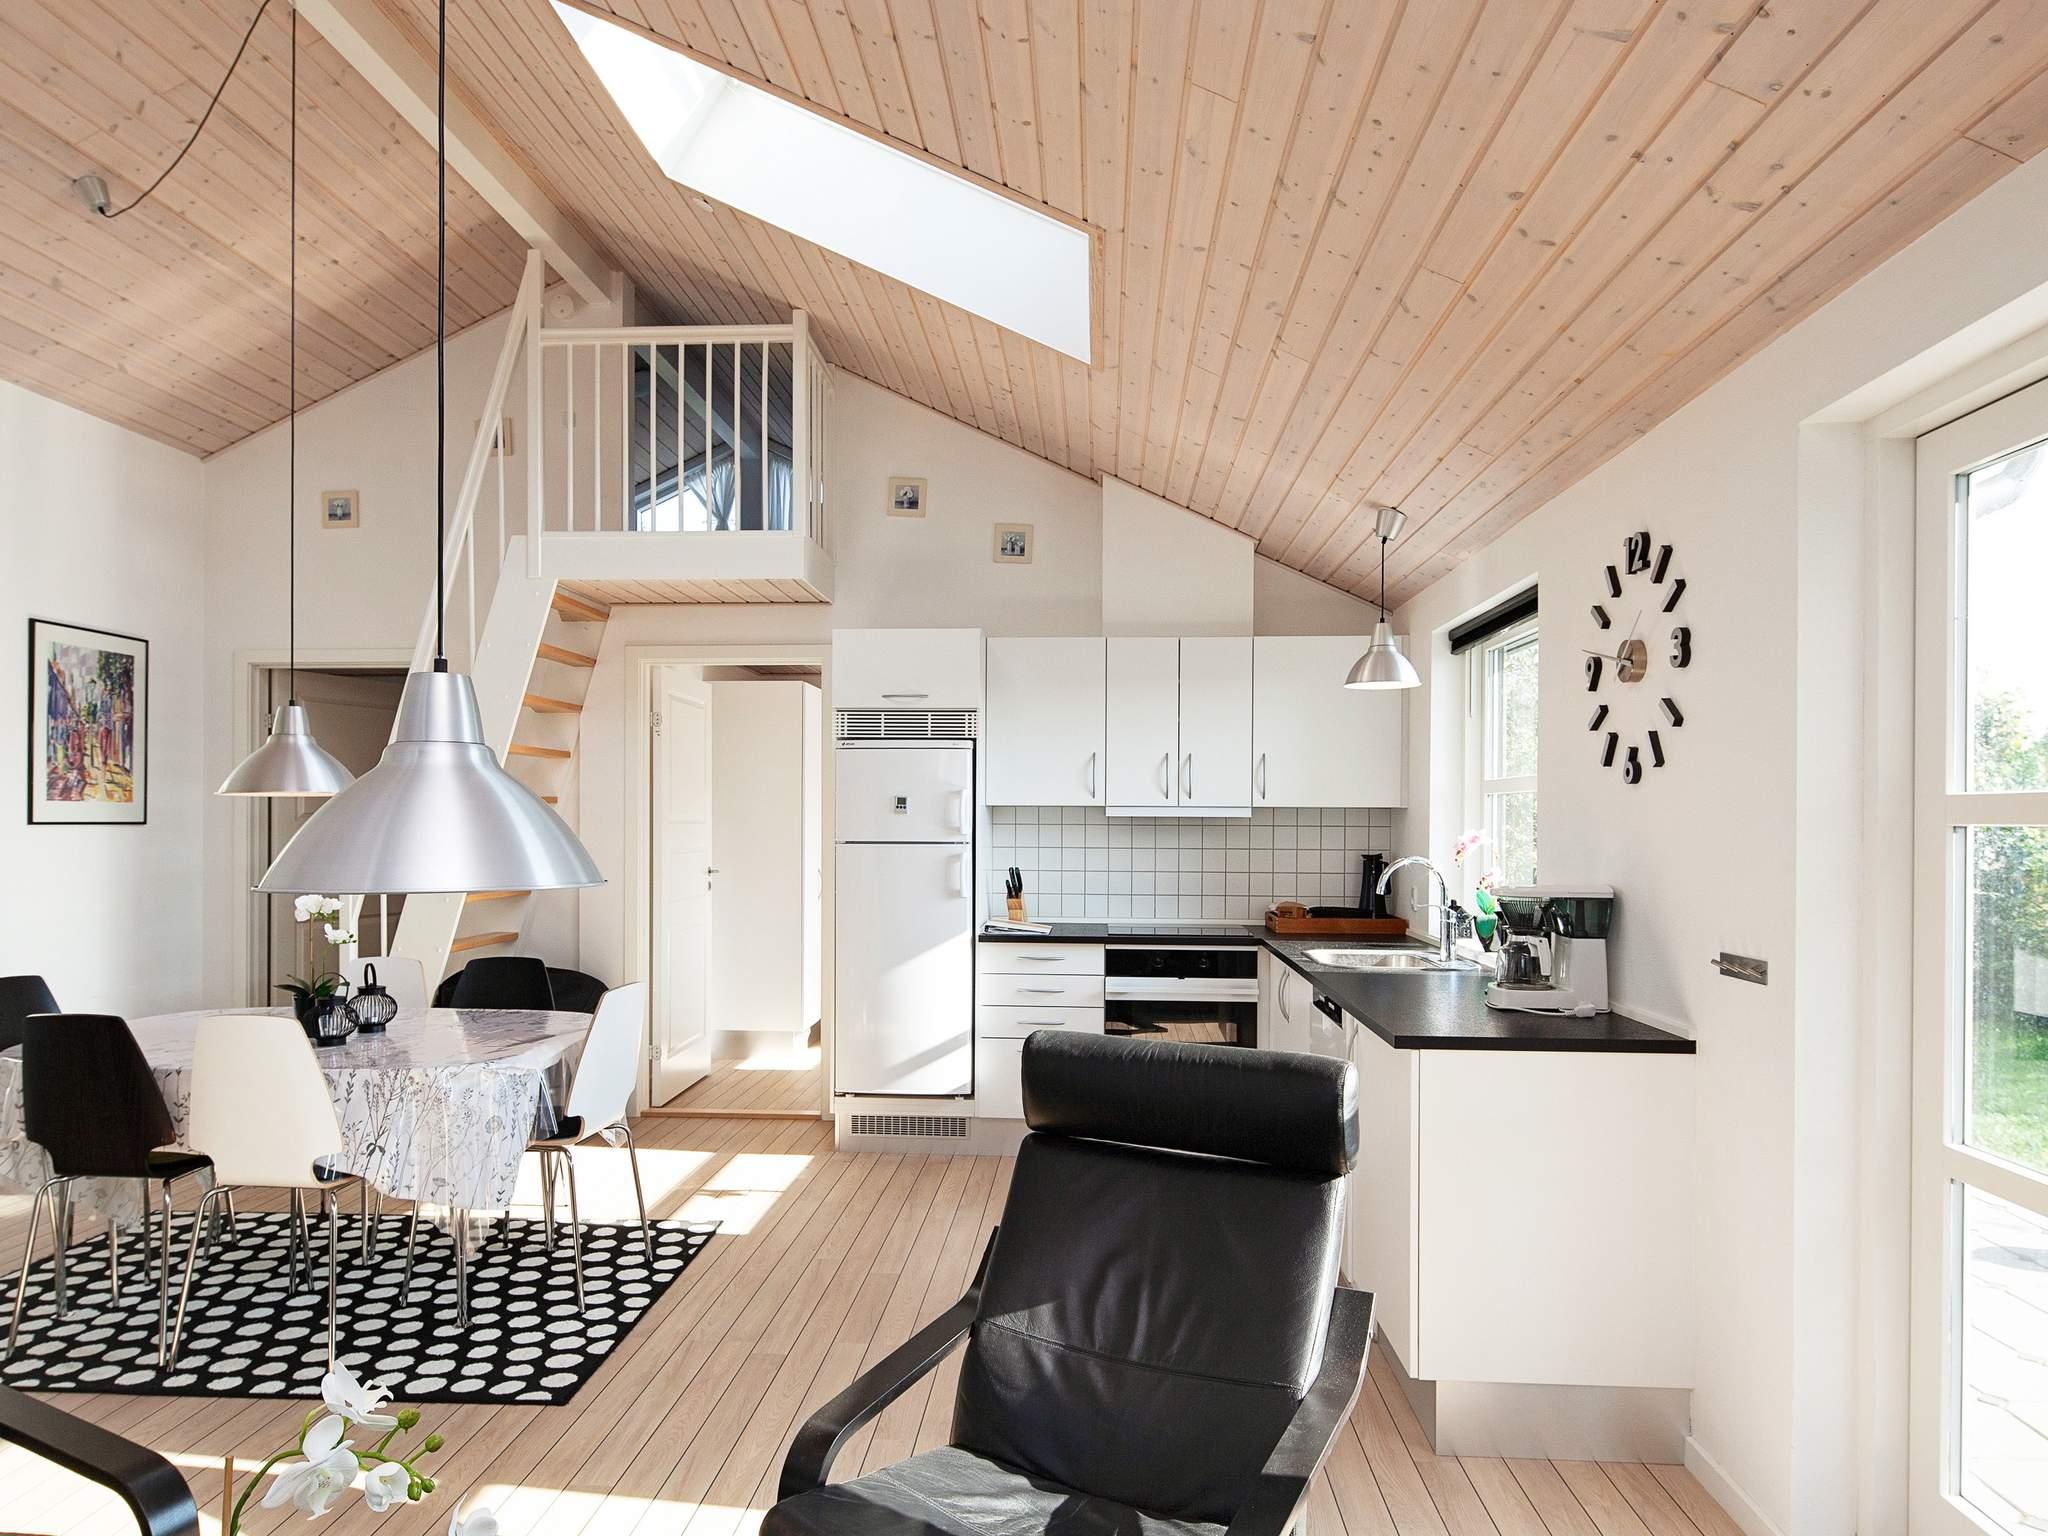 Ferienhaus Enø (2523852), Karrebæksminde, , Südseeland, Dänemark, Bild 7